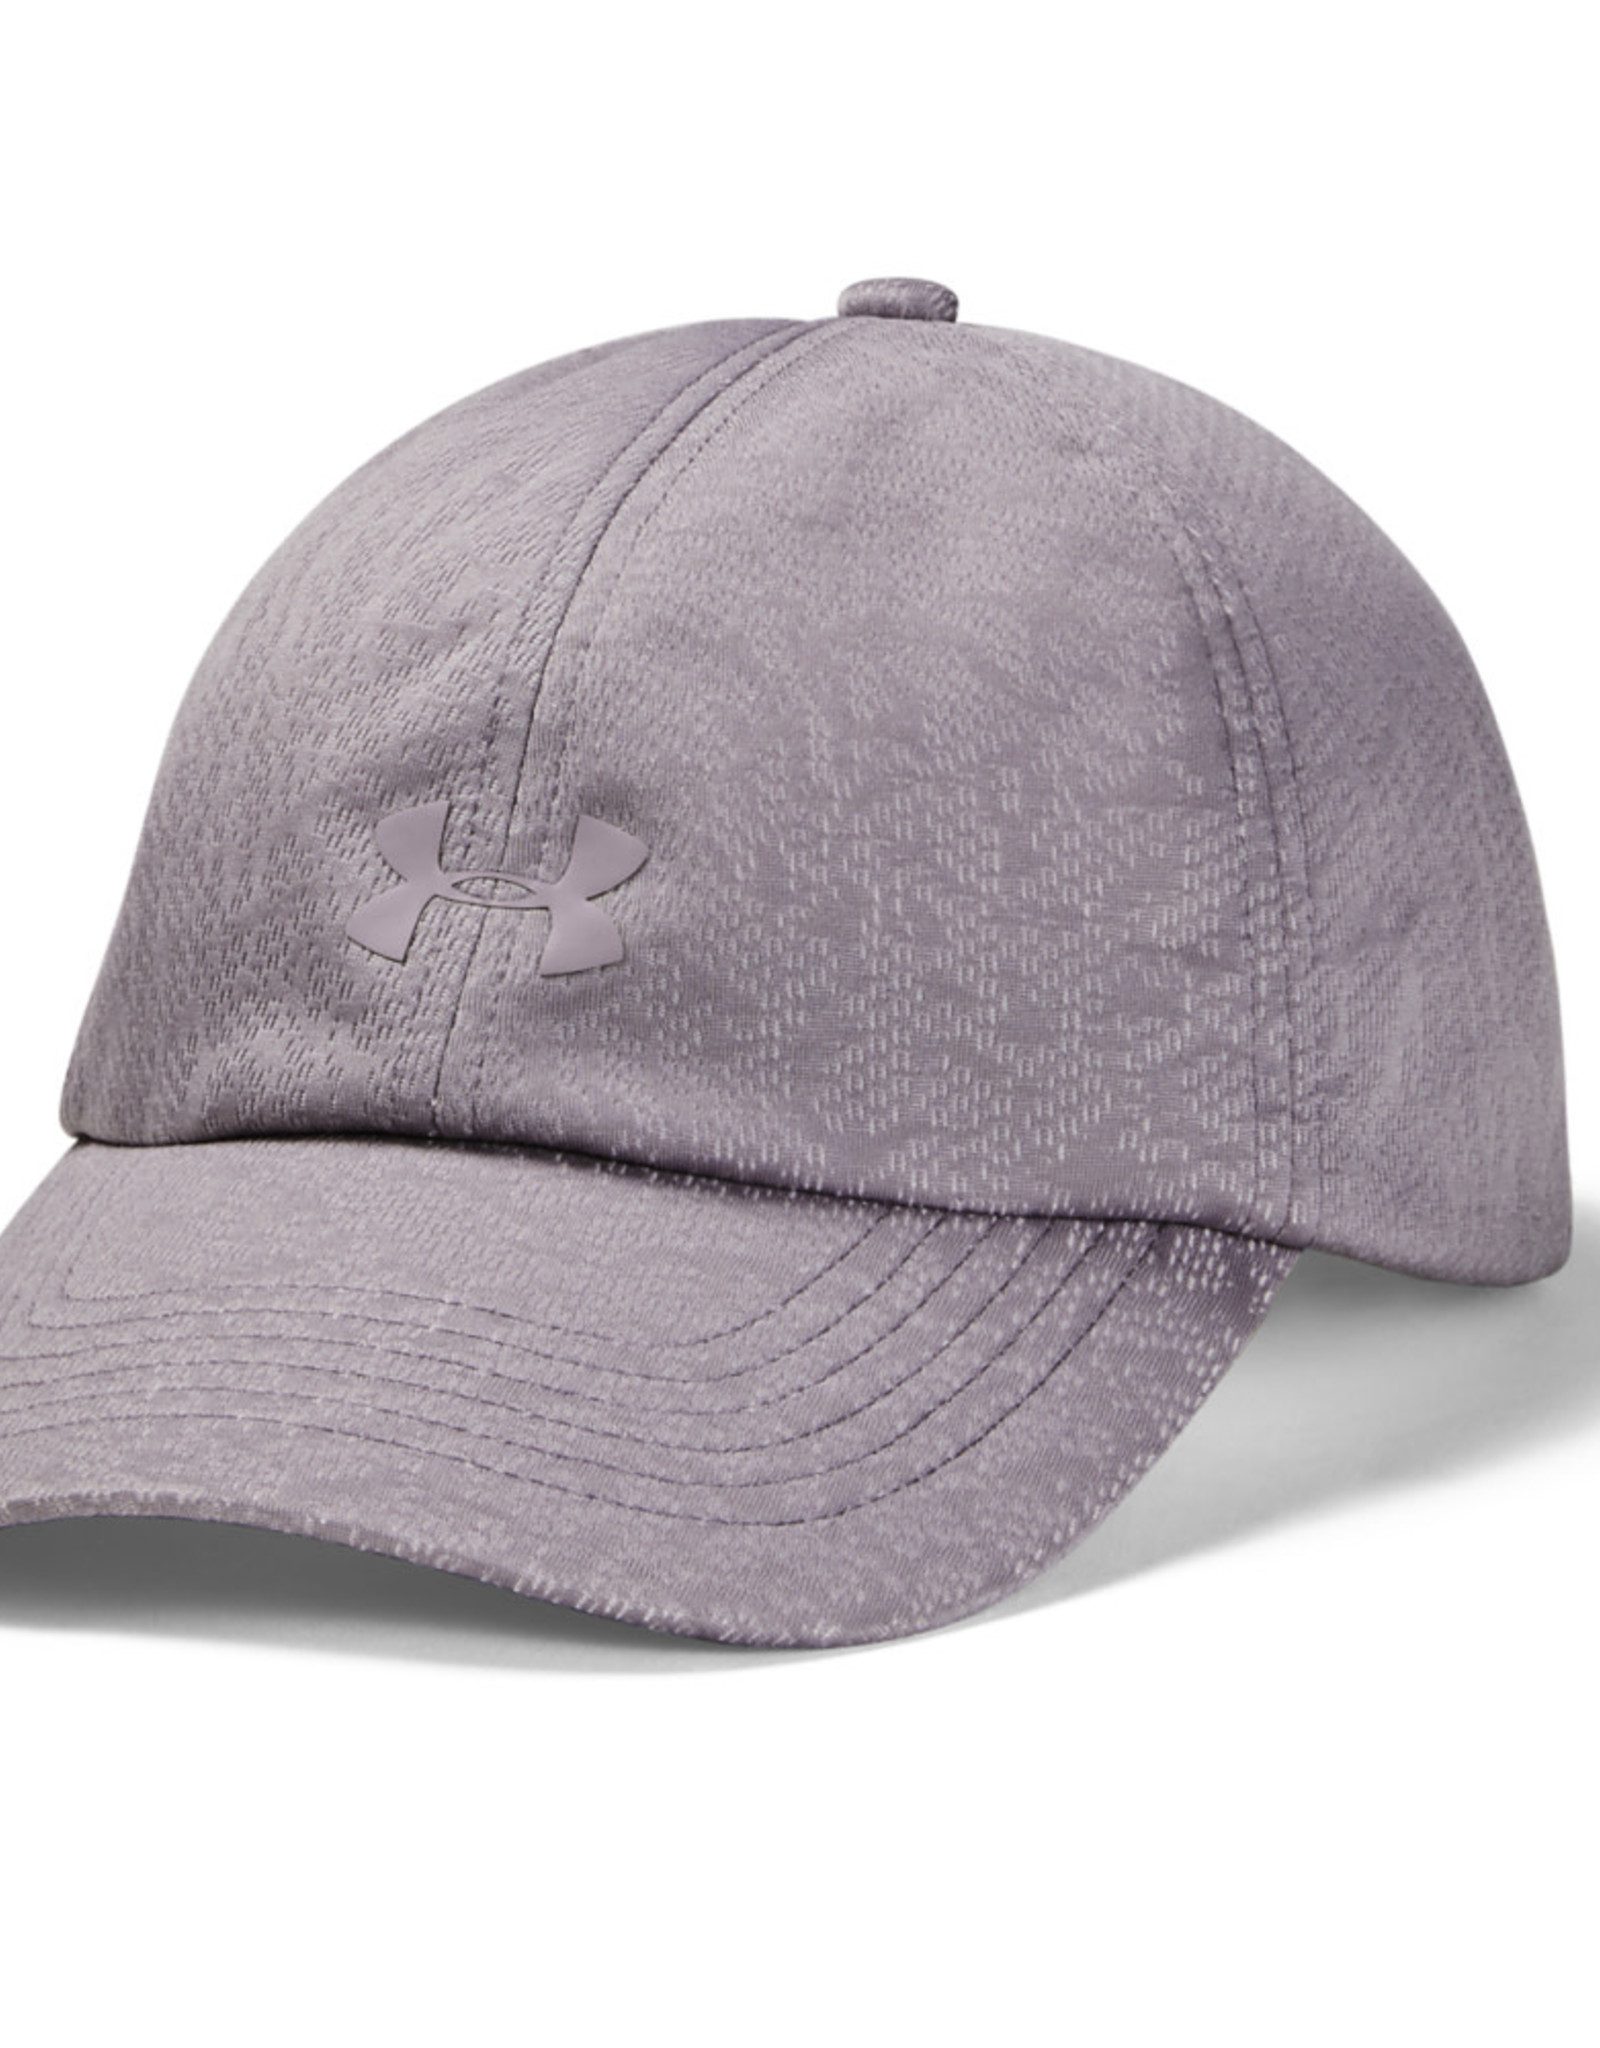 Under Armour UA Jacquard Play Up Cap - Slate Purple-Crystal Lilac-Slate Purple - OSFA